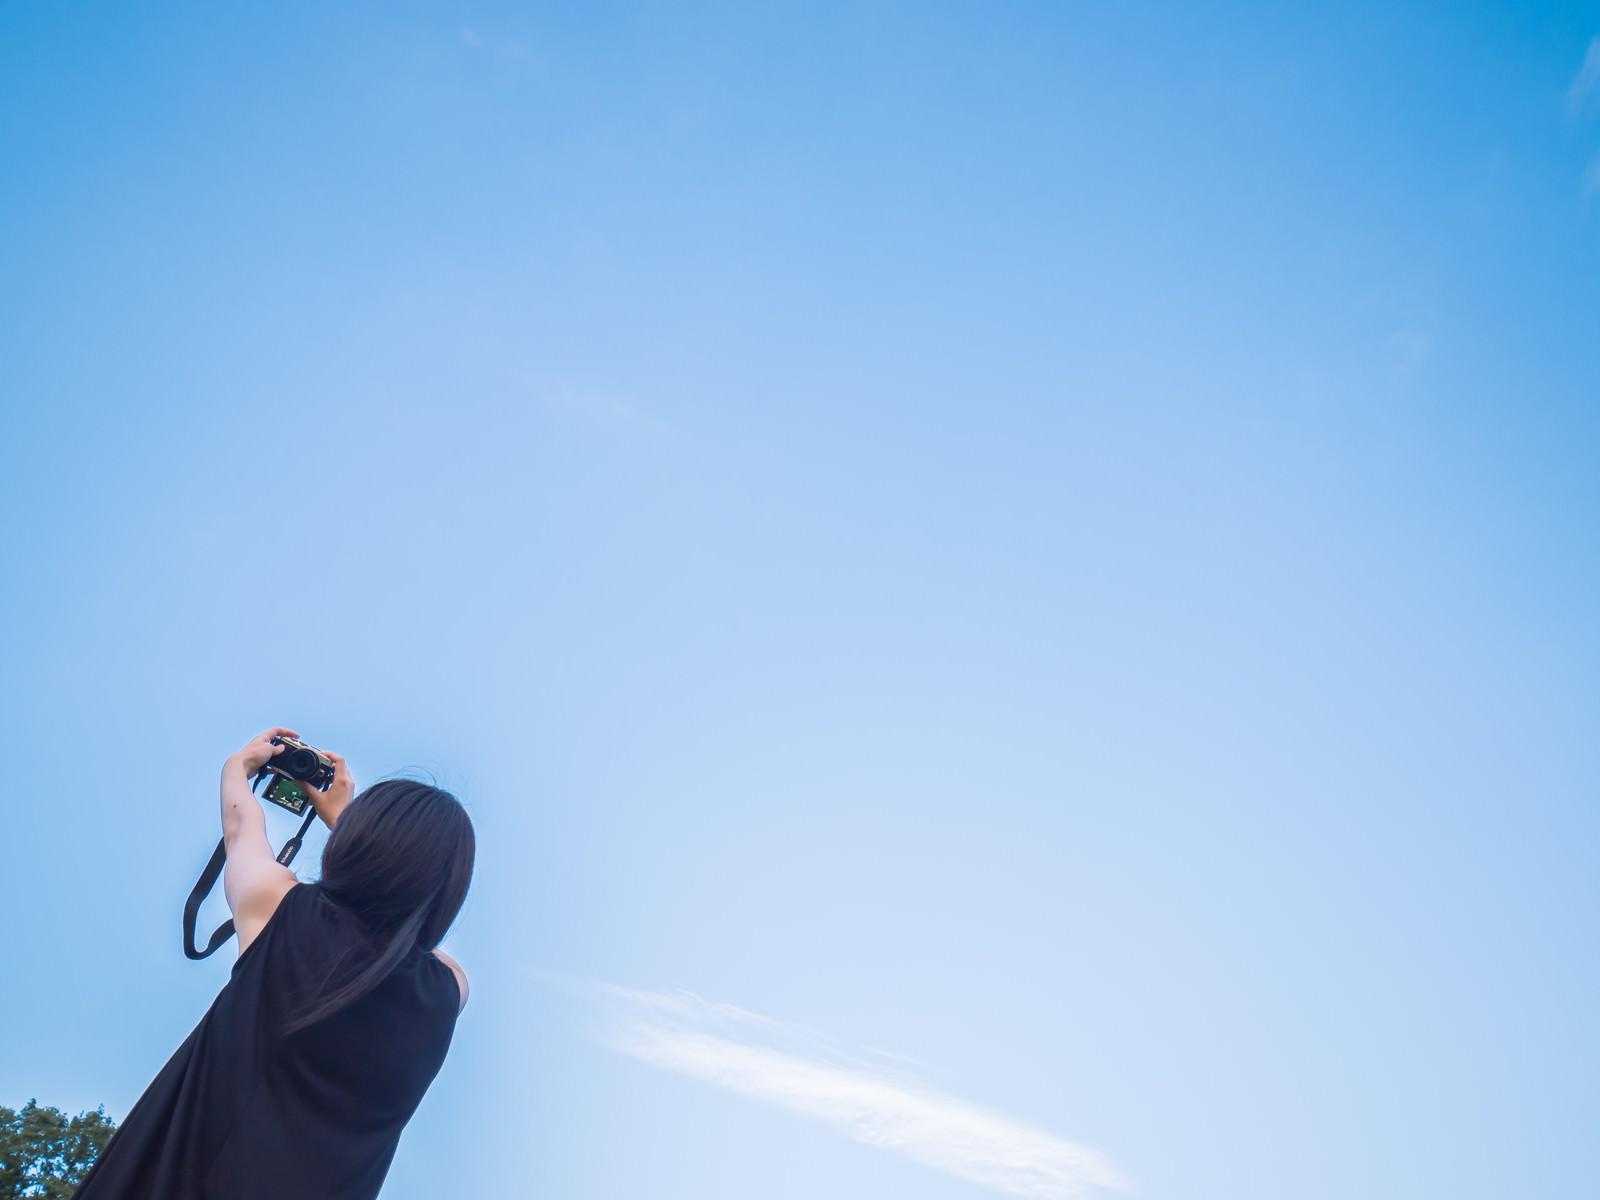 「青空の下でセルフィー青空の下でセルフィー」[モデル:たけべともこ]のフリー写真素材を拡大